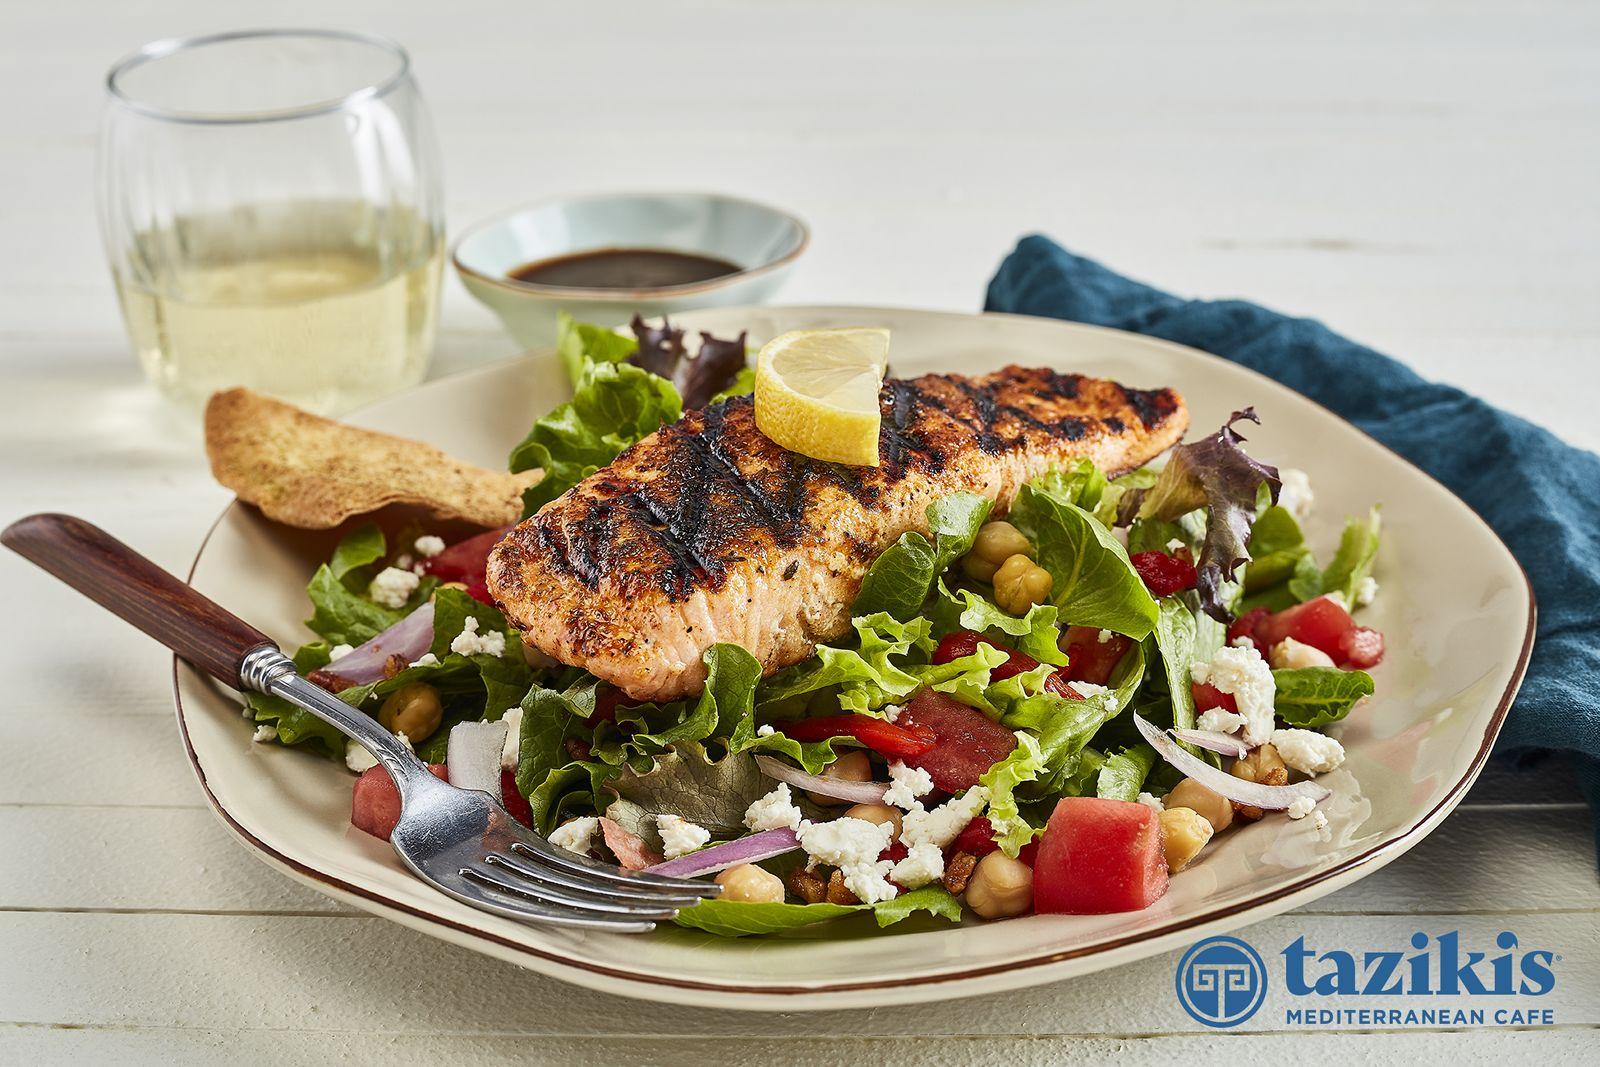 Taziki's Mediterranean Cafe Mediterranean Salad with Grilled Salmon